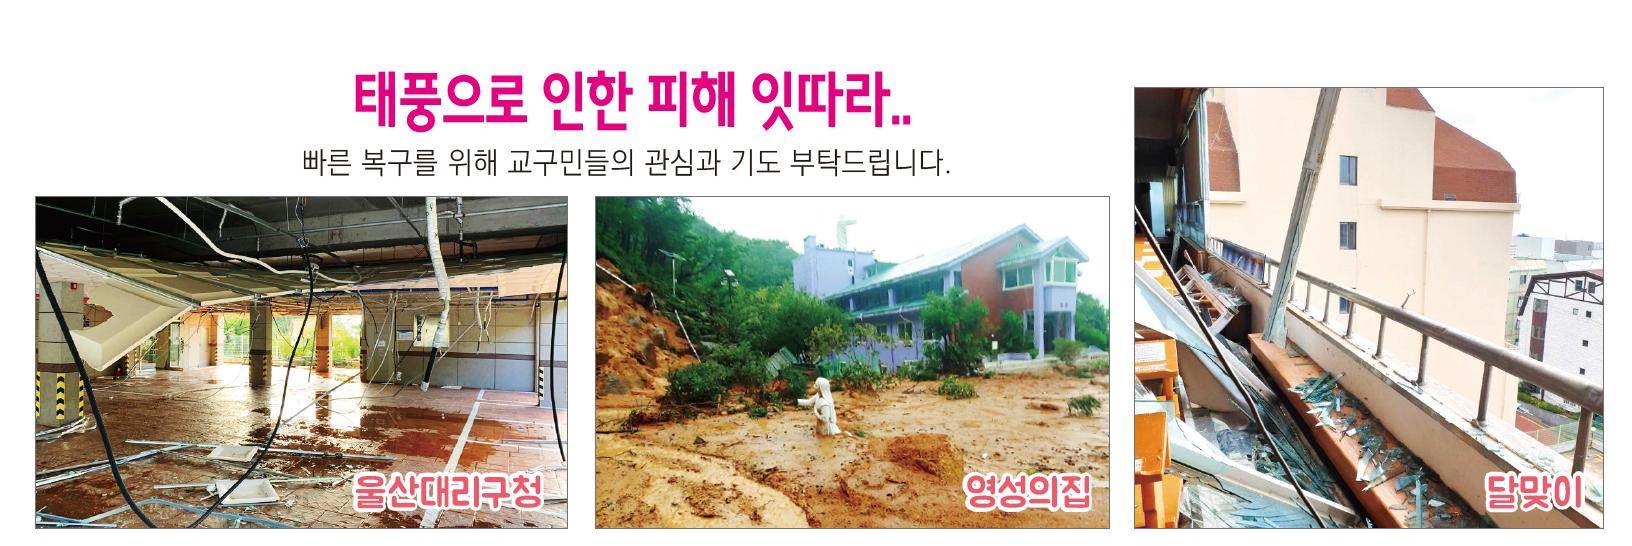 교구소식_인터넷주보.png